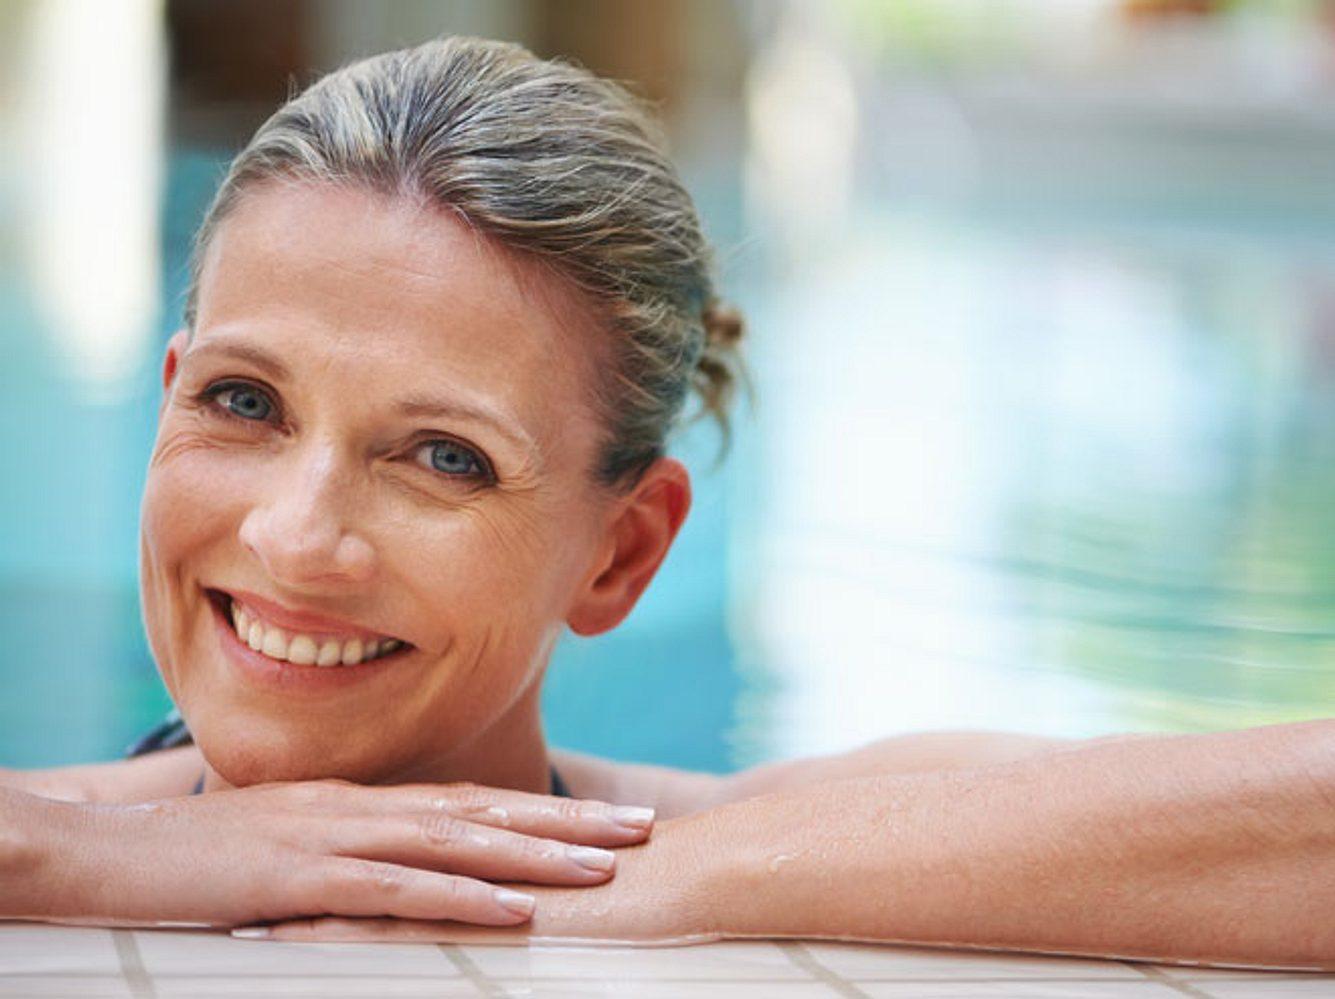 Schwimmen ist die perfekte Sportart bei Blasenschwäche.